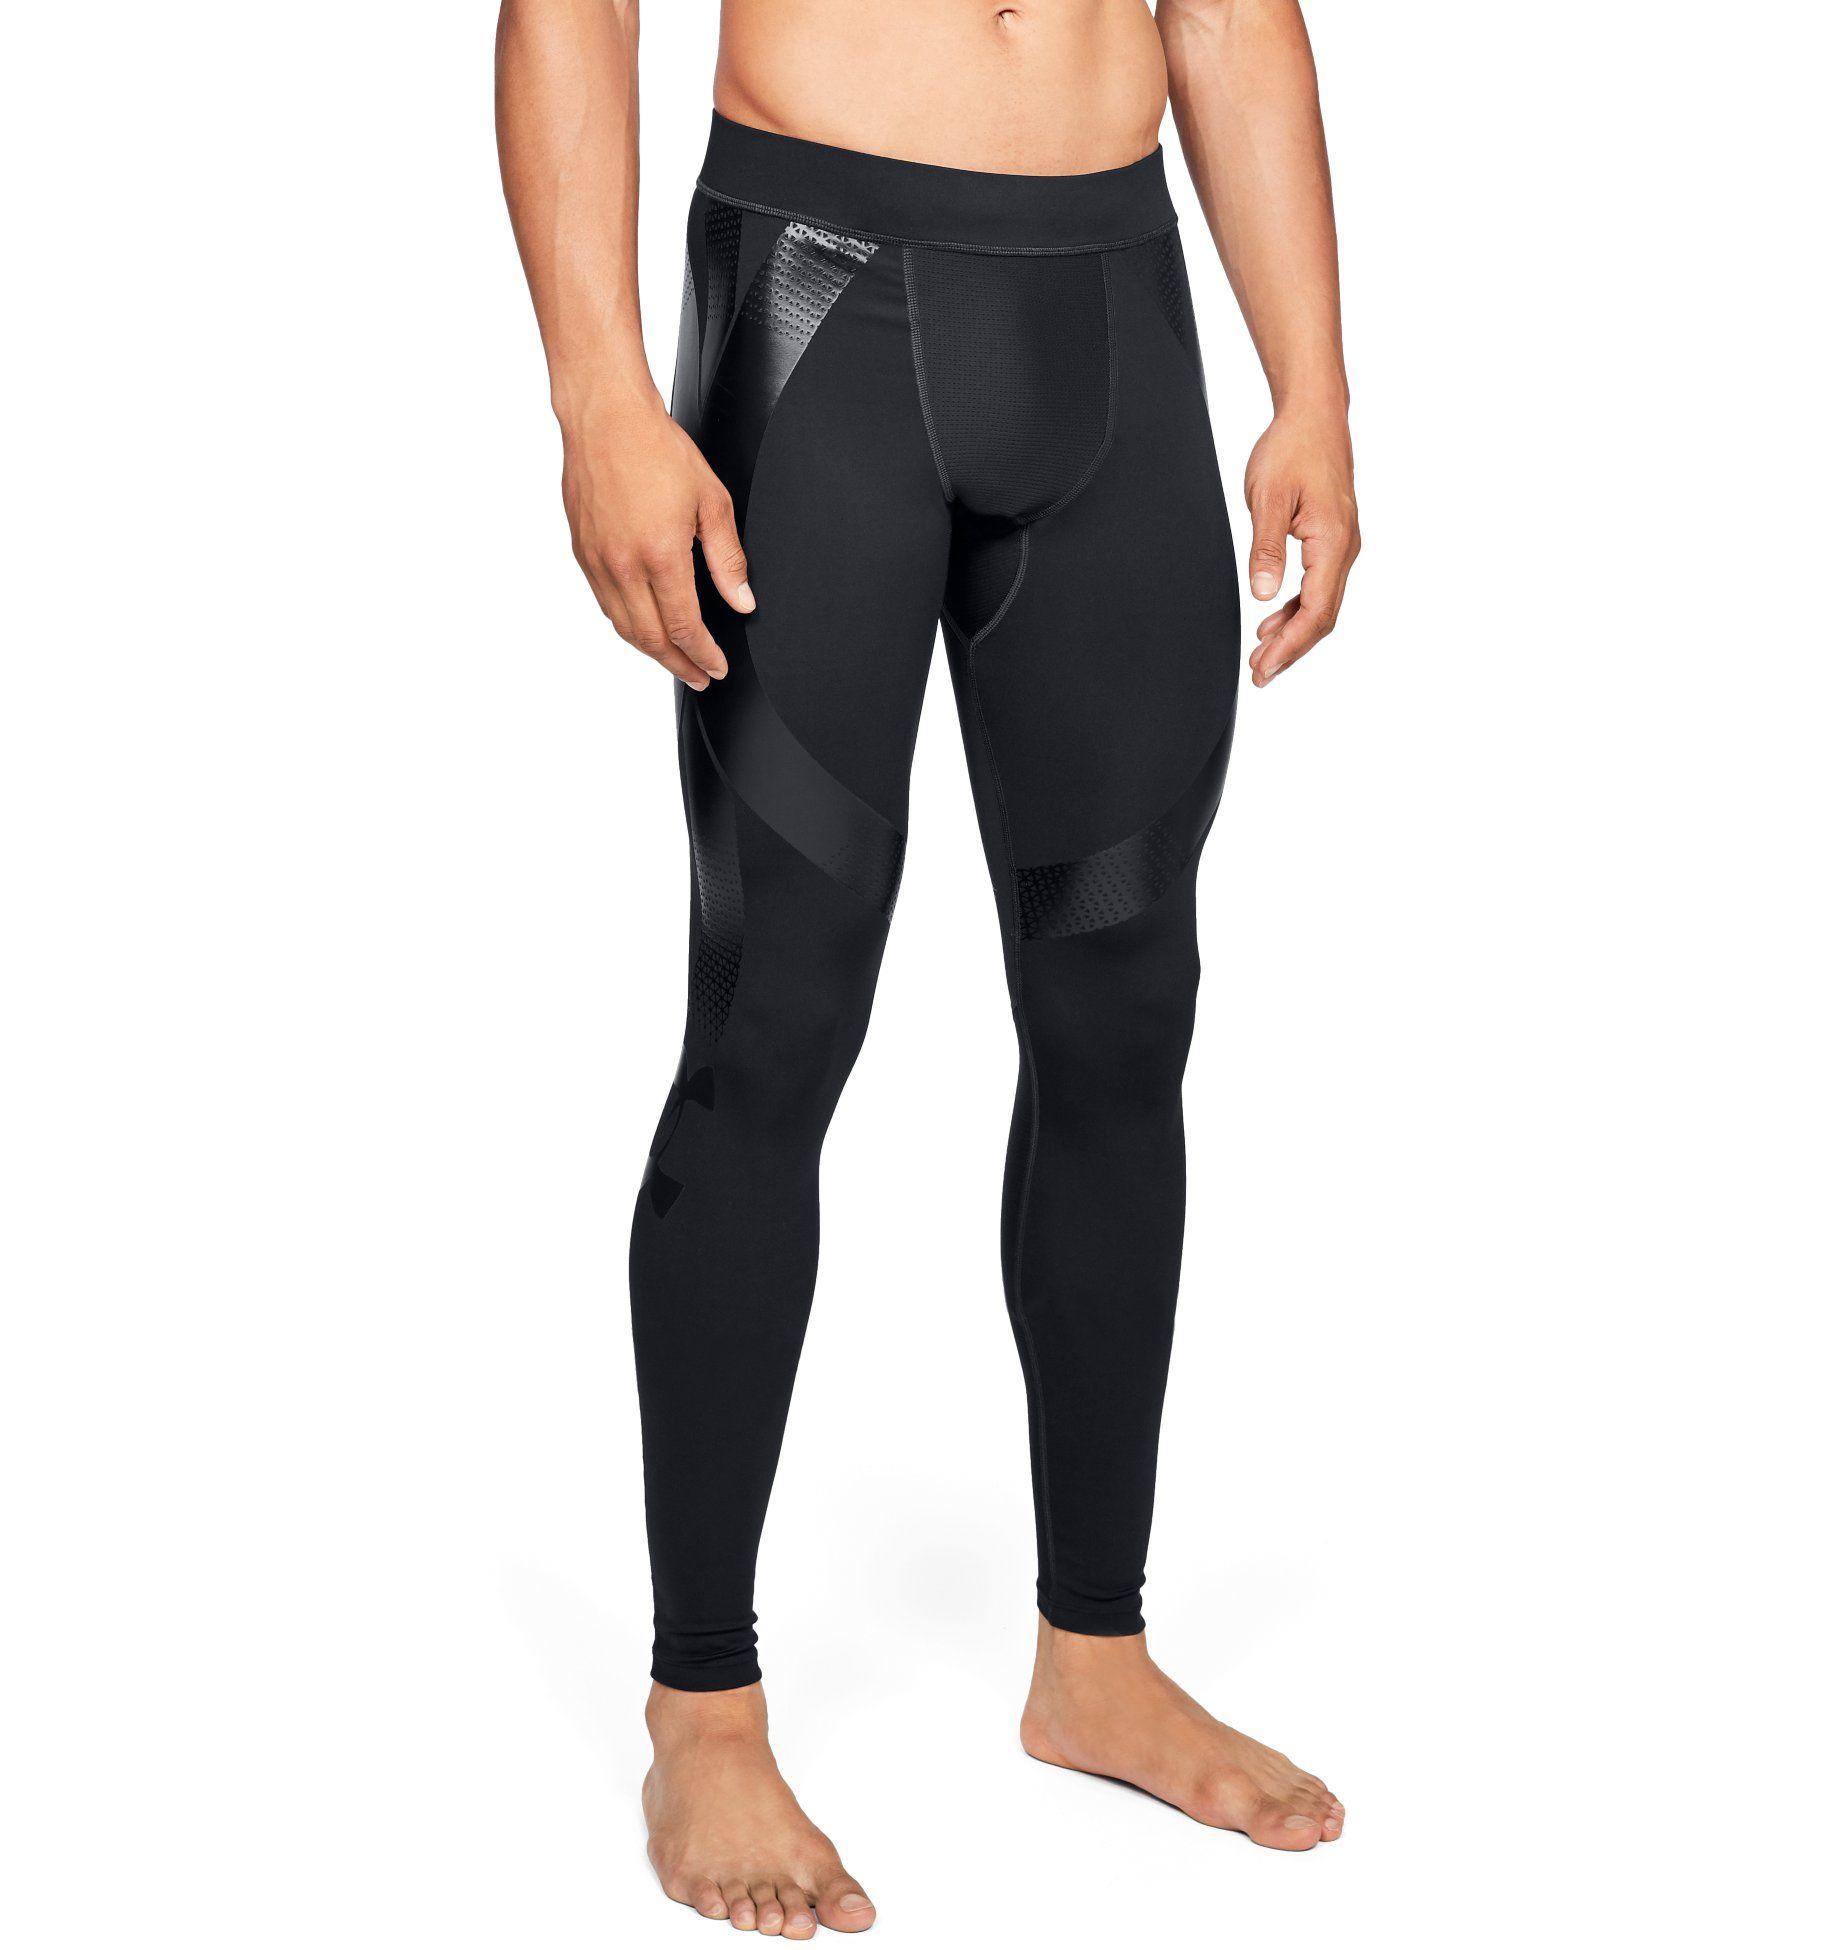 5ad8983c15e 5 Best Compression Pants for Men - Best Men s Leggings